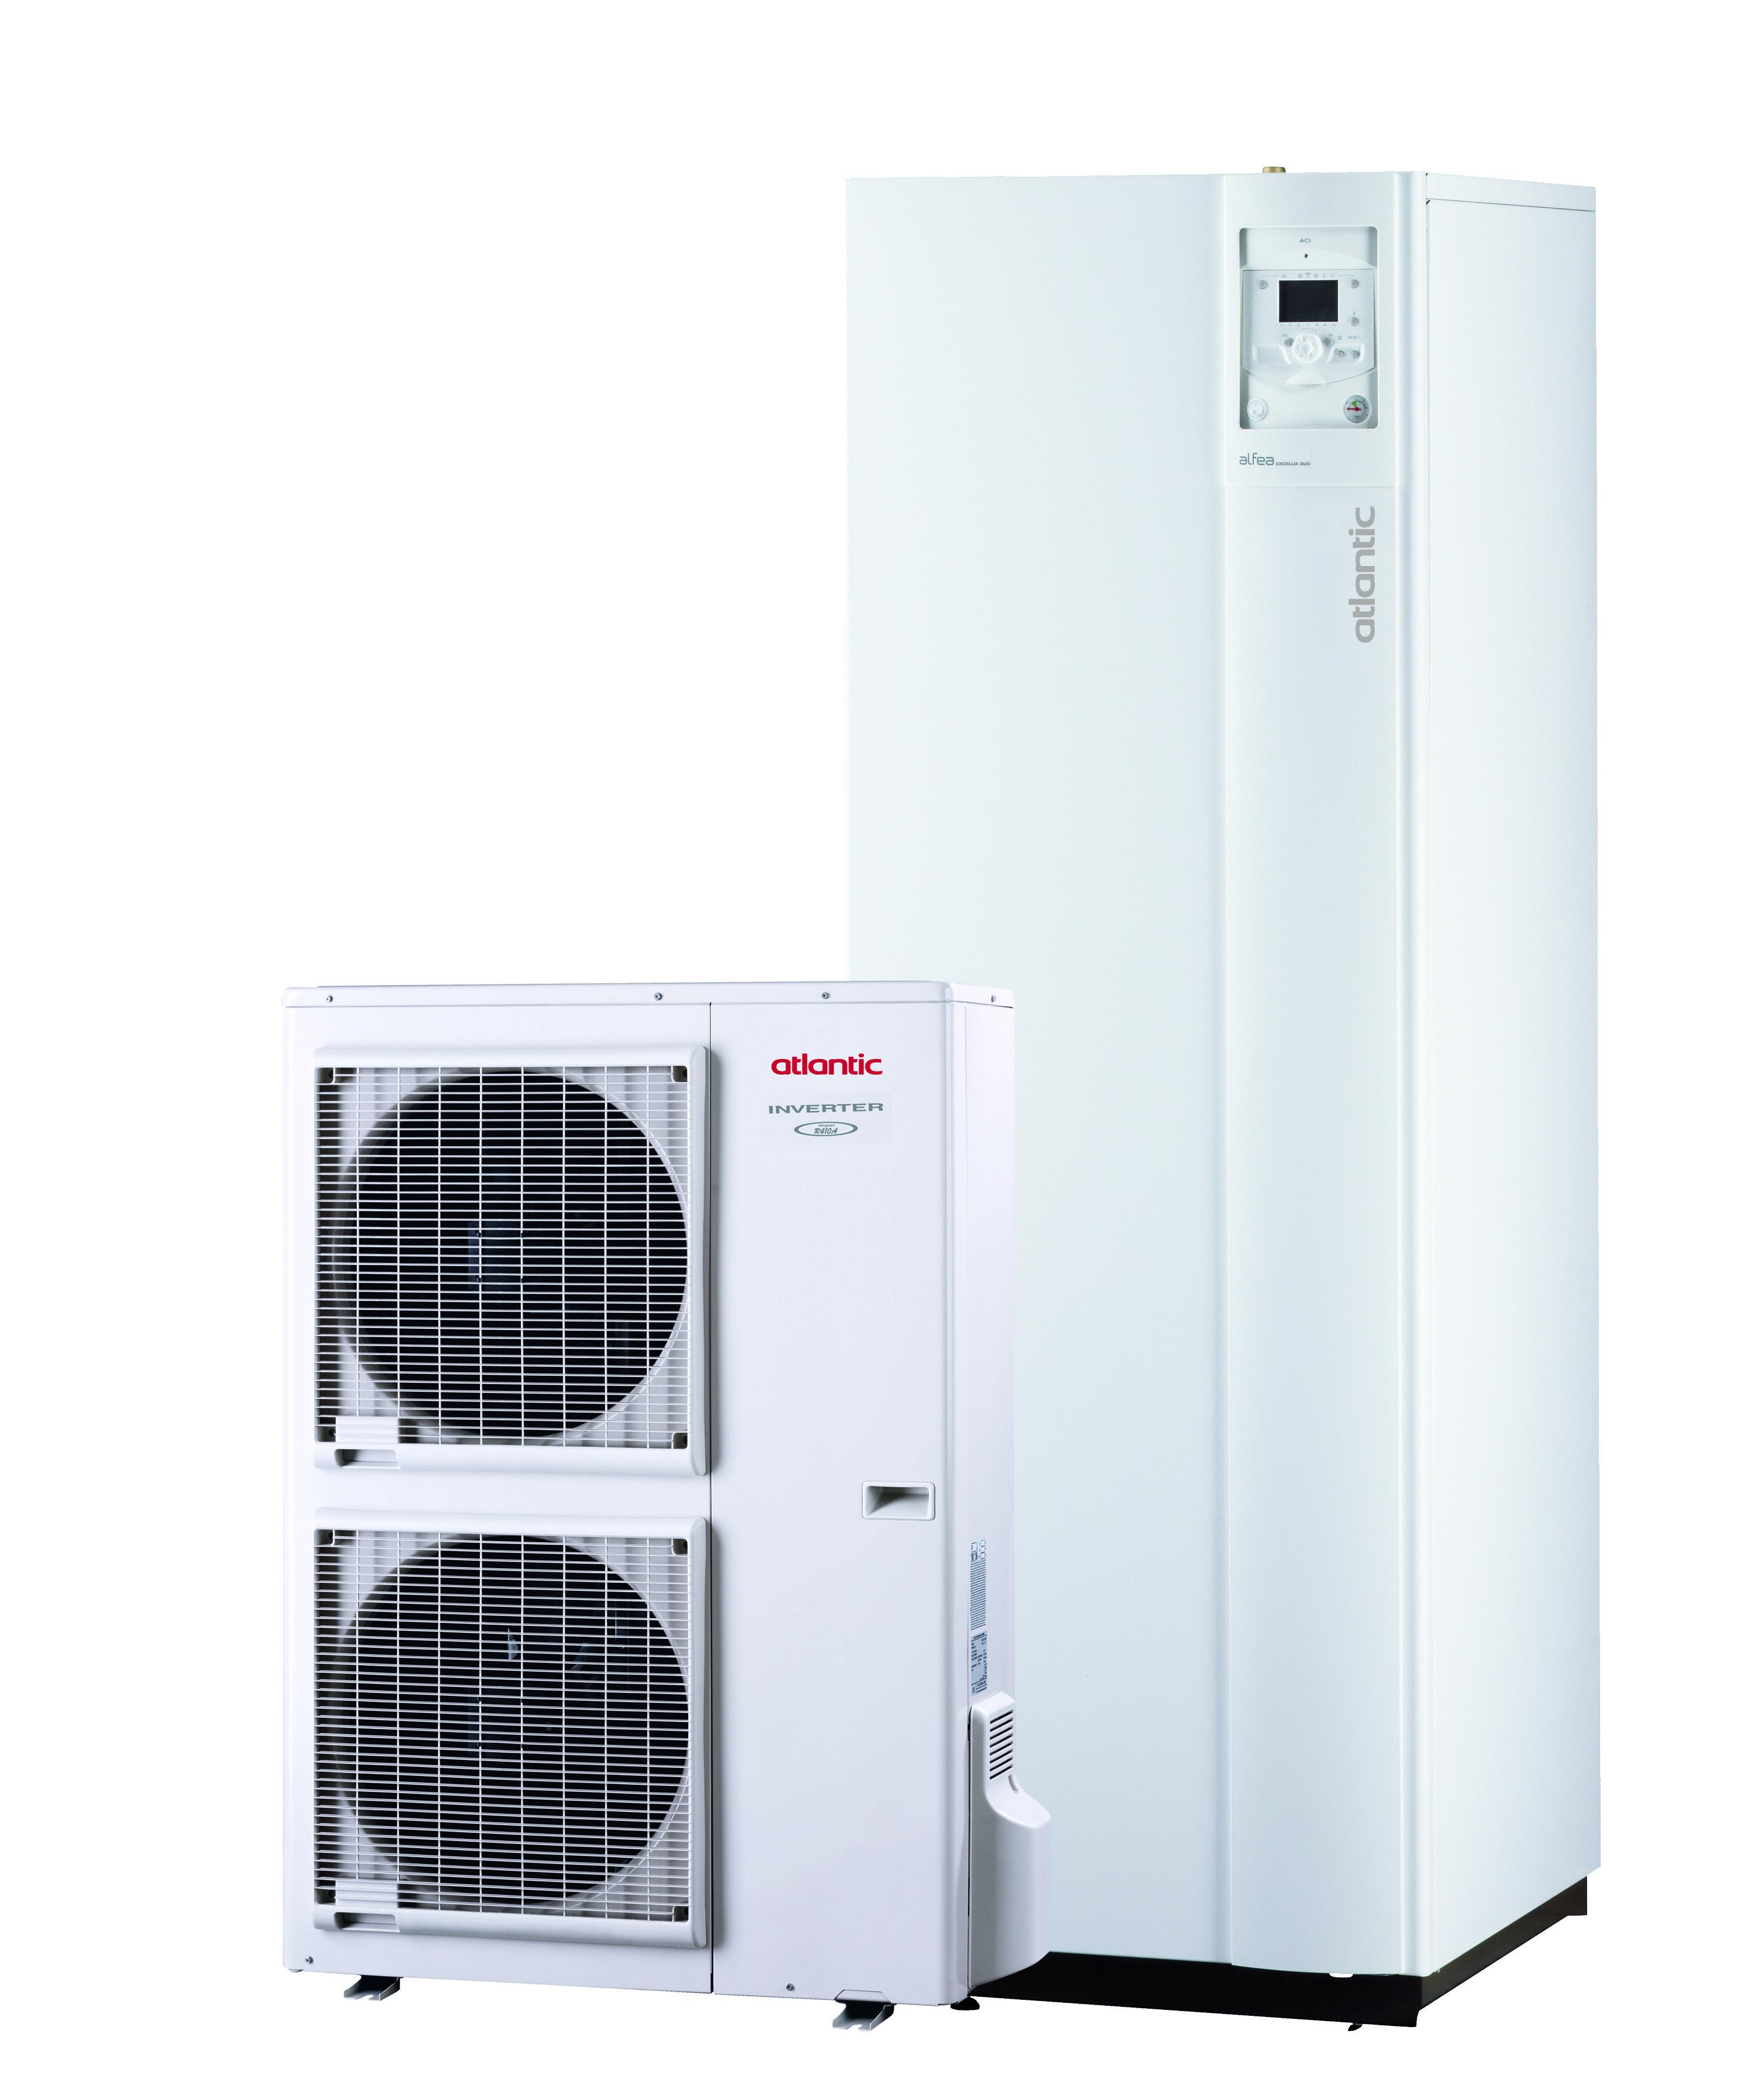 Atlantic Heat Pump With Alfea Excellia Duo Atlantic Comfort